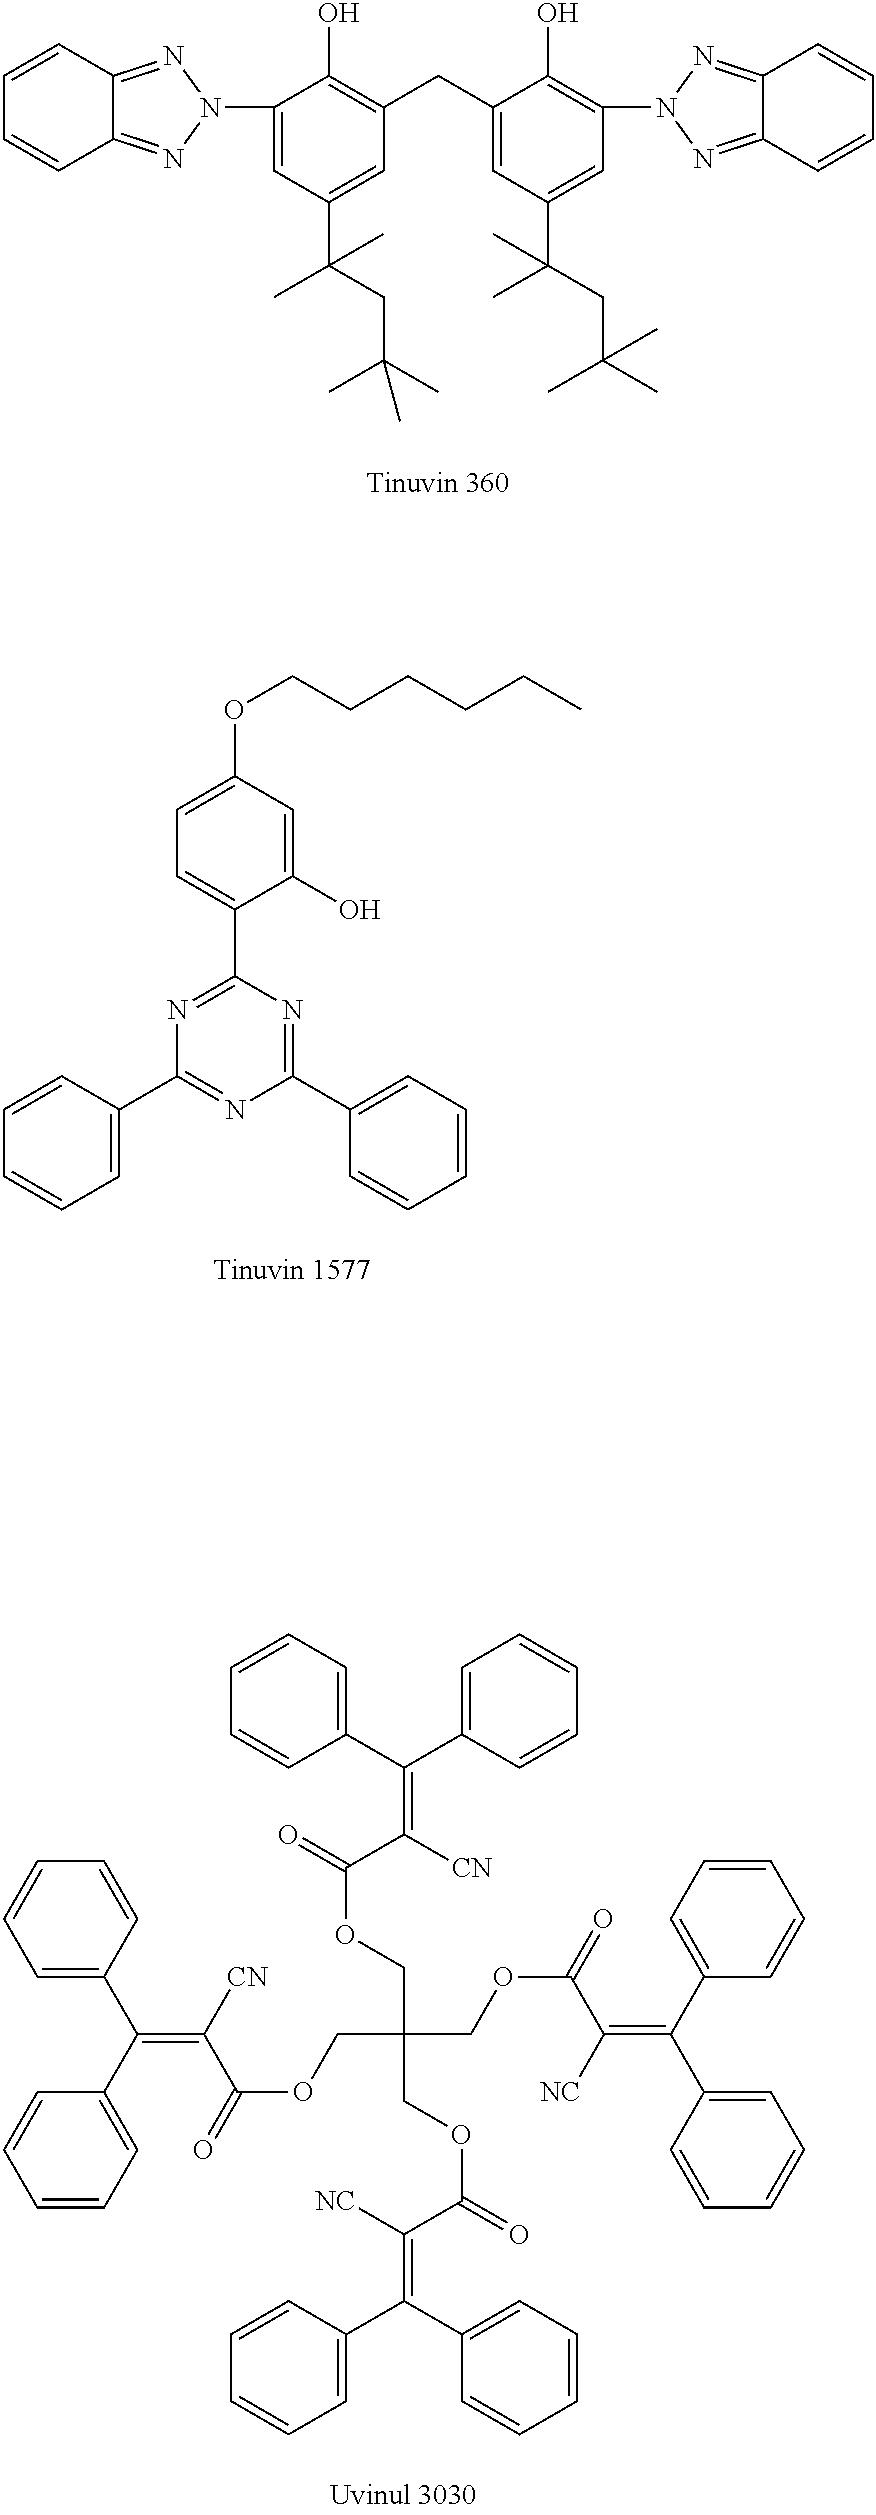 Figure US20110008579A1-20110113-C00009